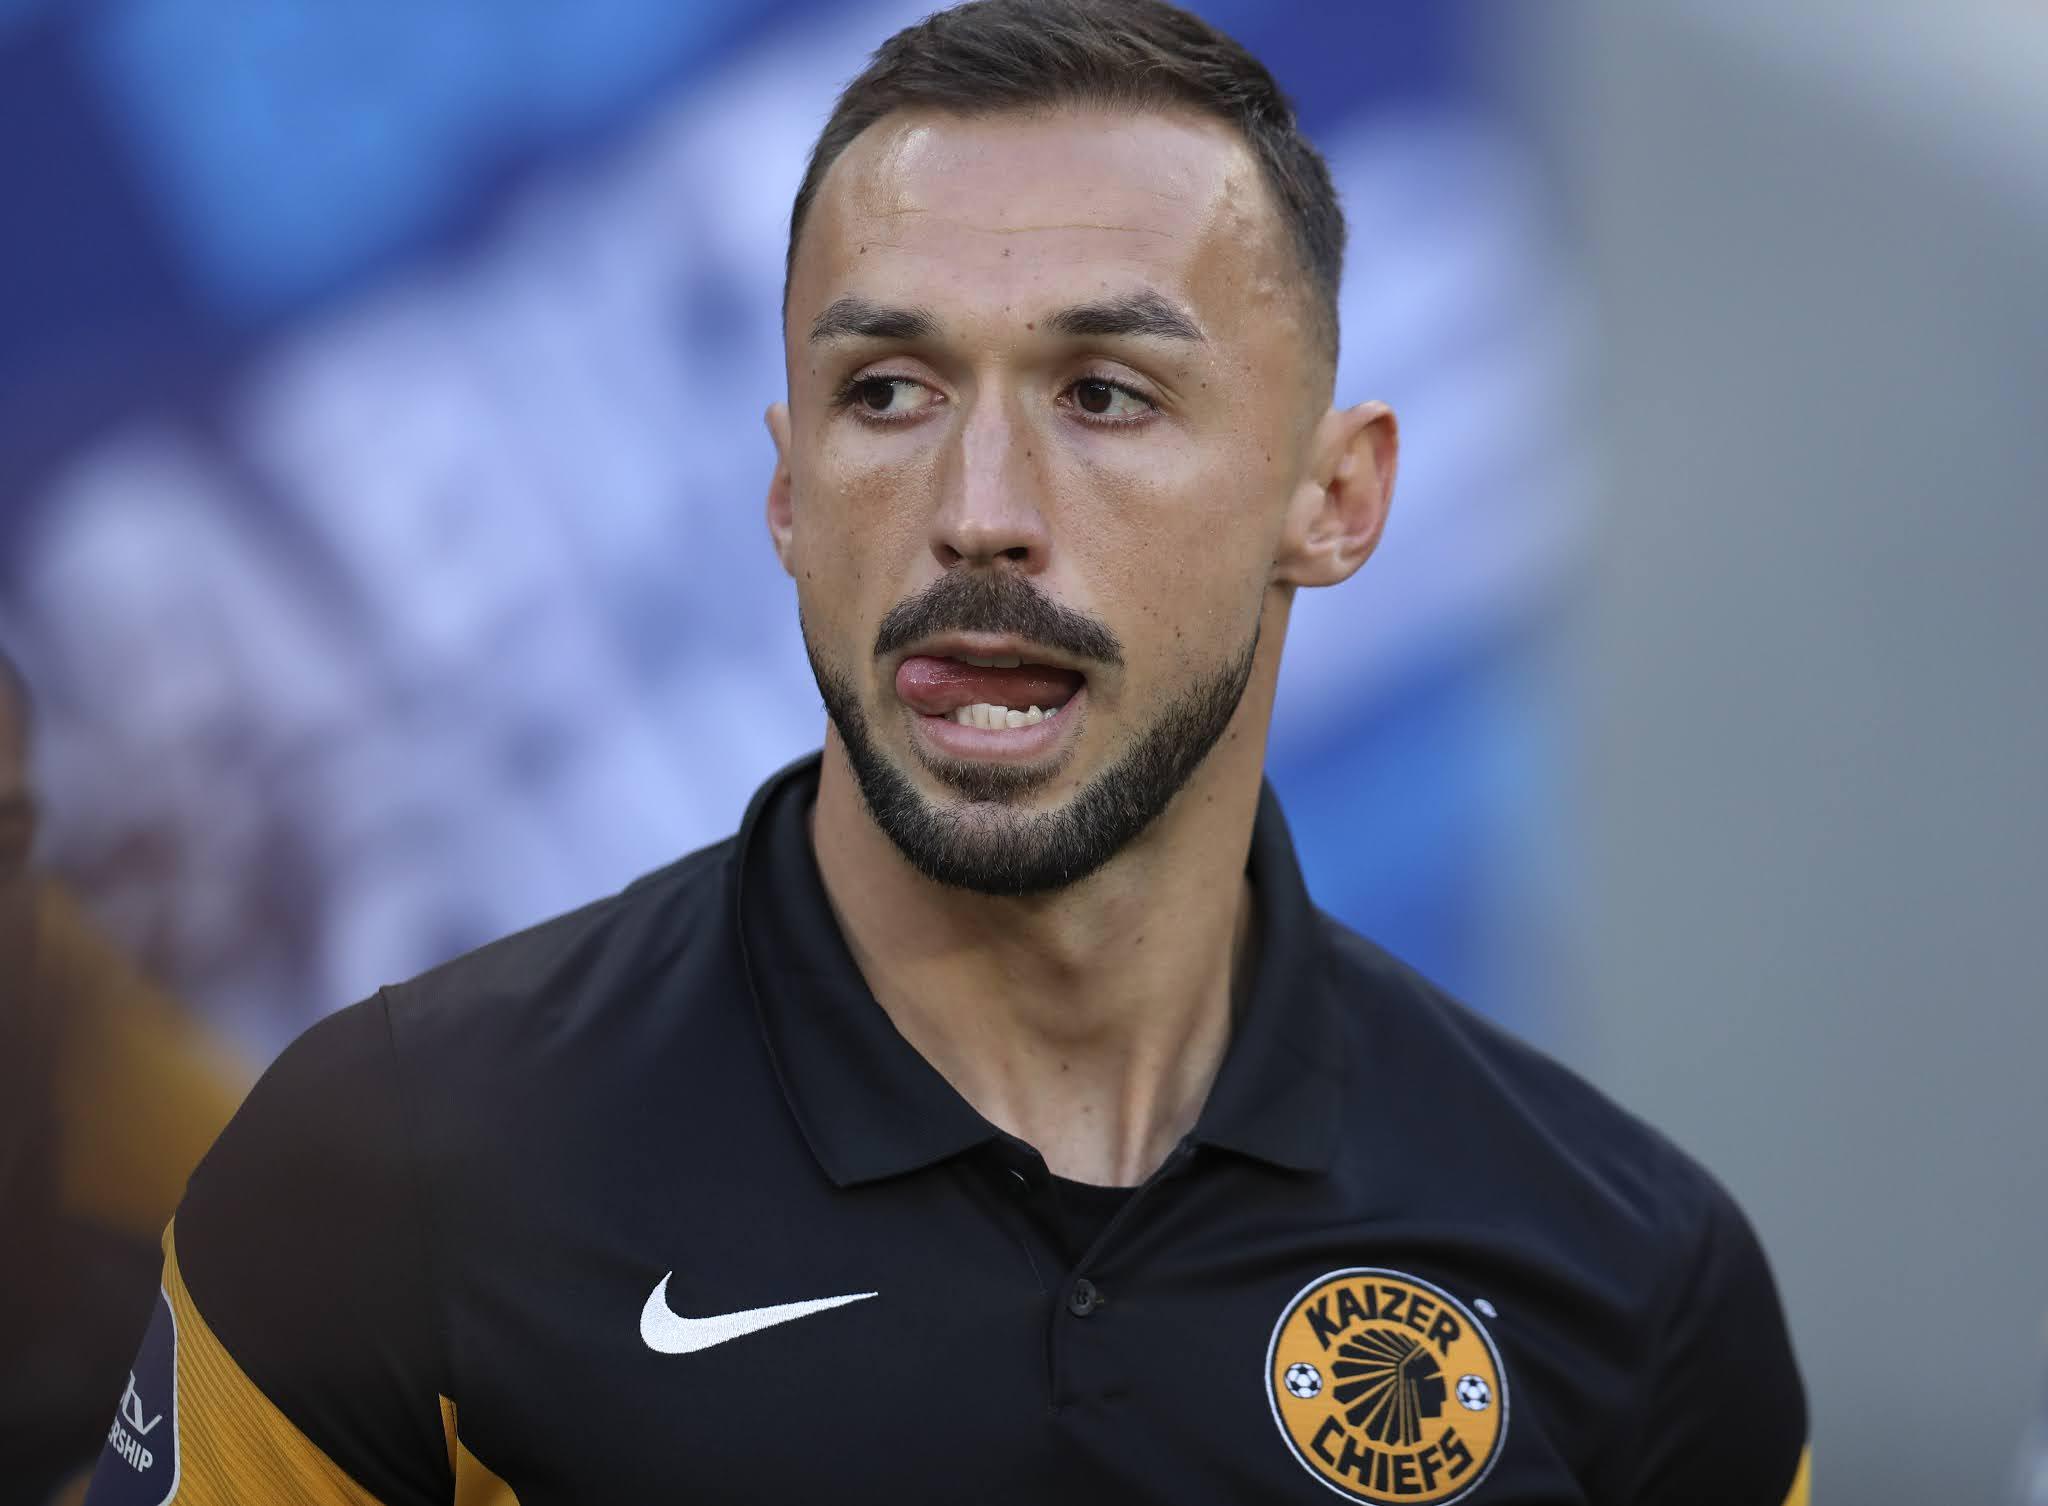 Amakhosi spearhead Samir Nurkovic